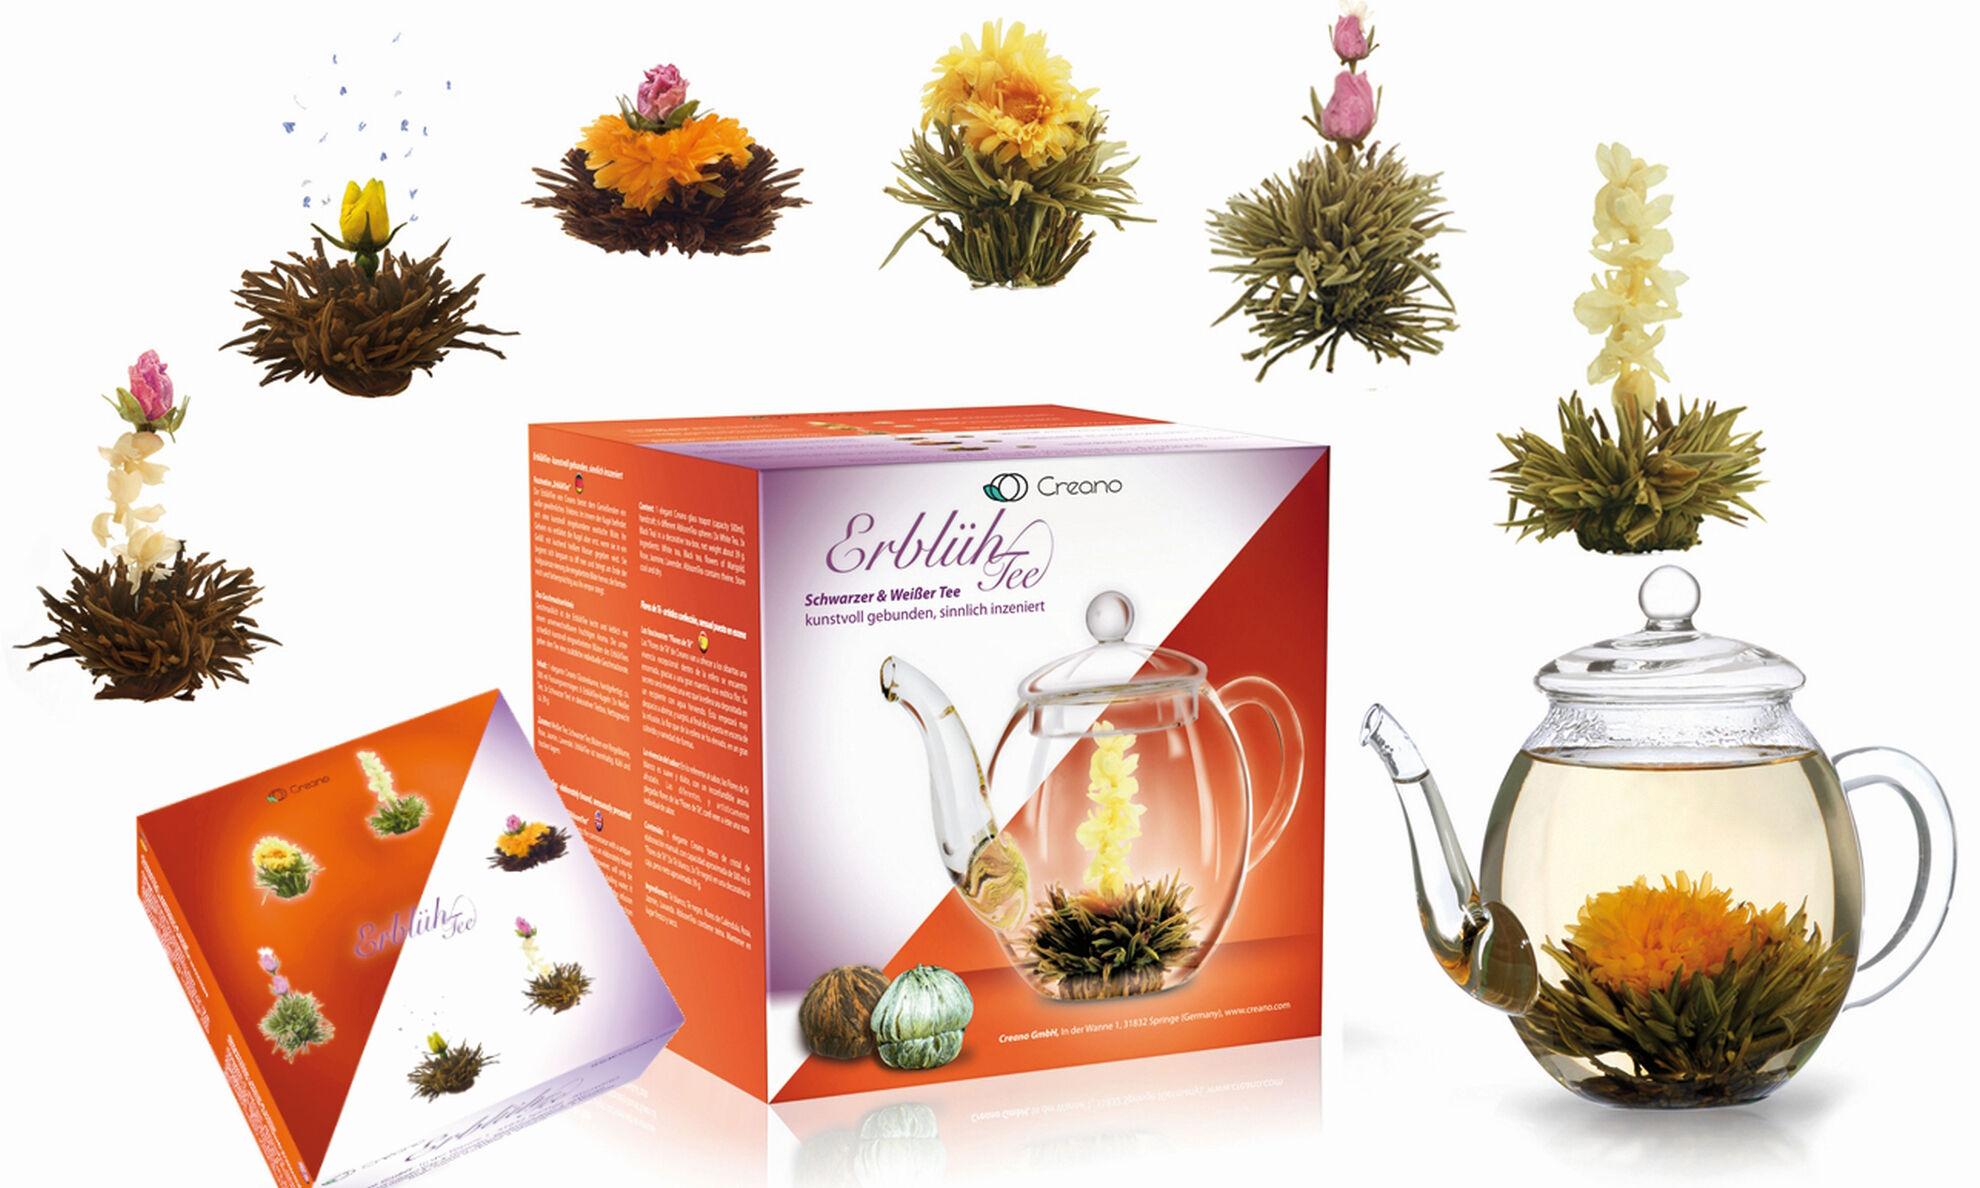 Coffret cadeau avec une sélection de 3 fleurs de thé blanches et 3 fleurs de thé noir et une théière en verre de 500 ml